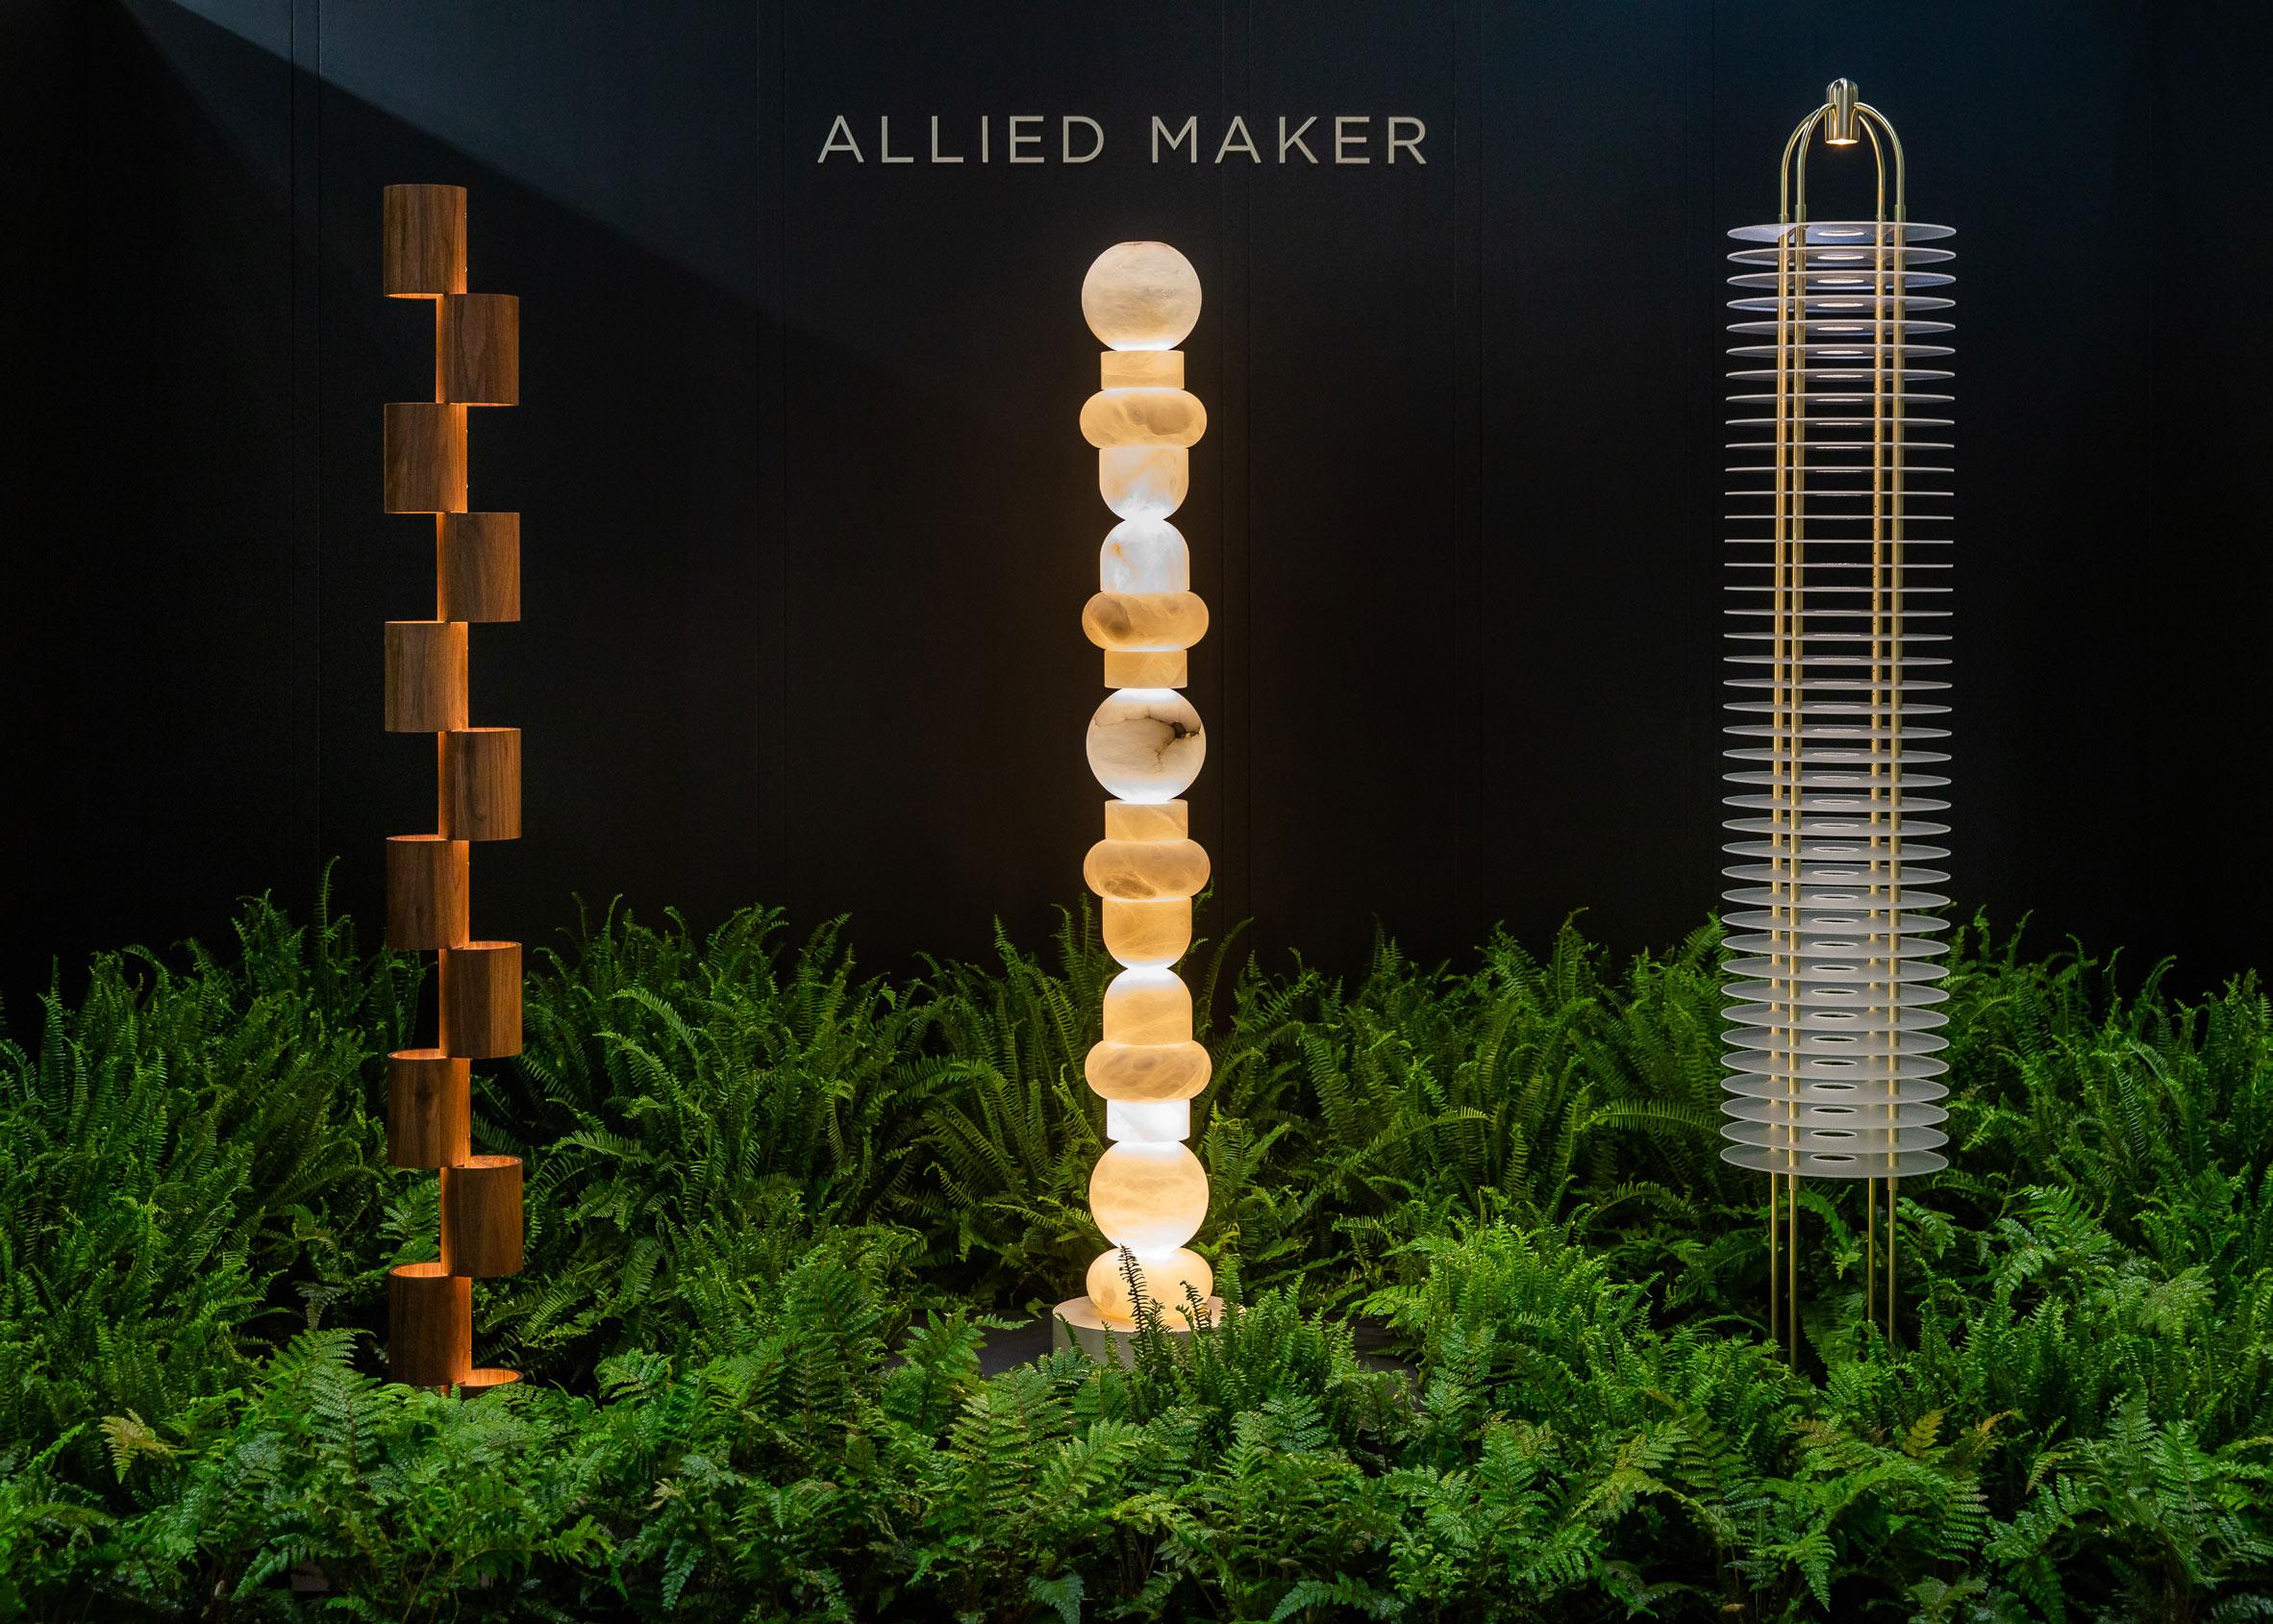 Allied Maker